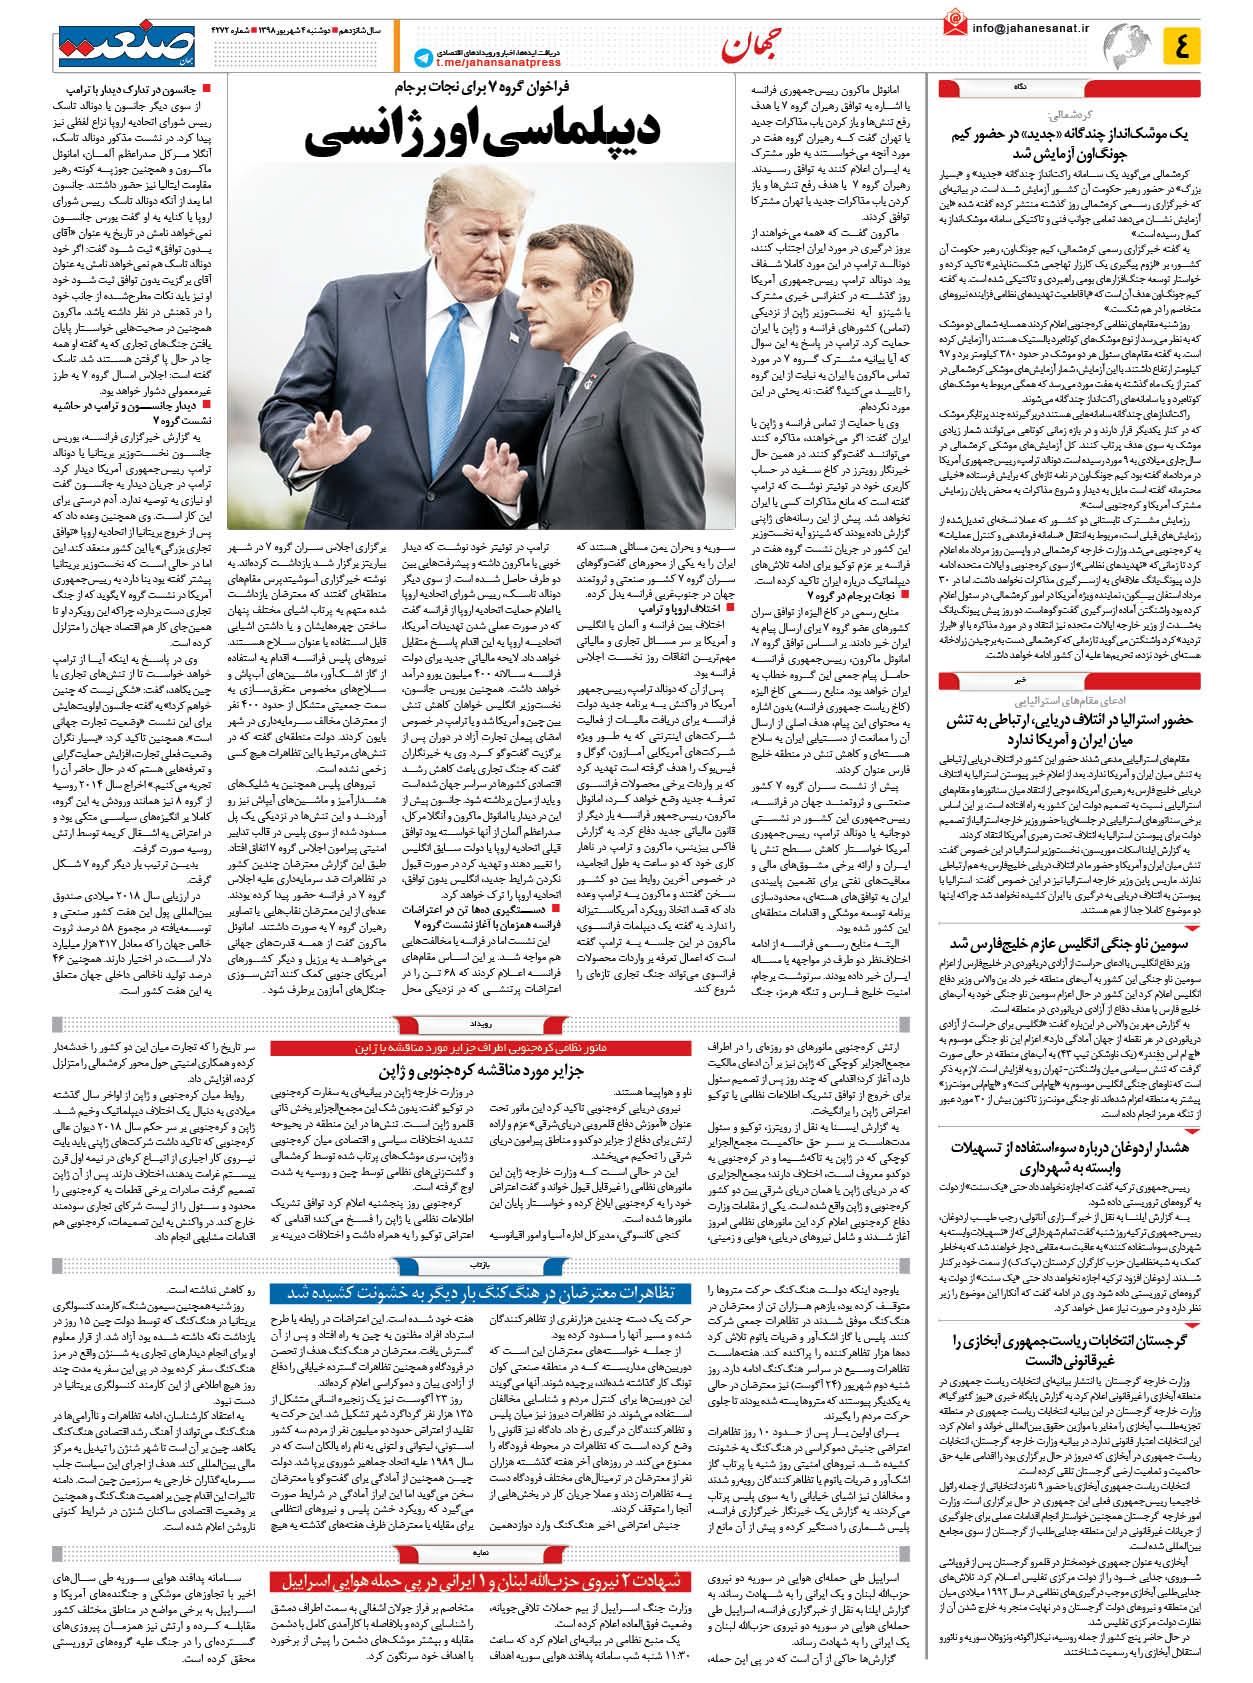 صفحه ۰۴ – ۰۴ شهریور ۱۳۹۸